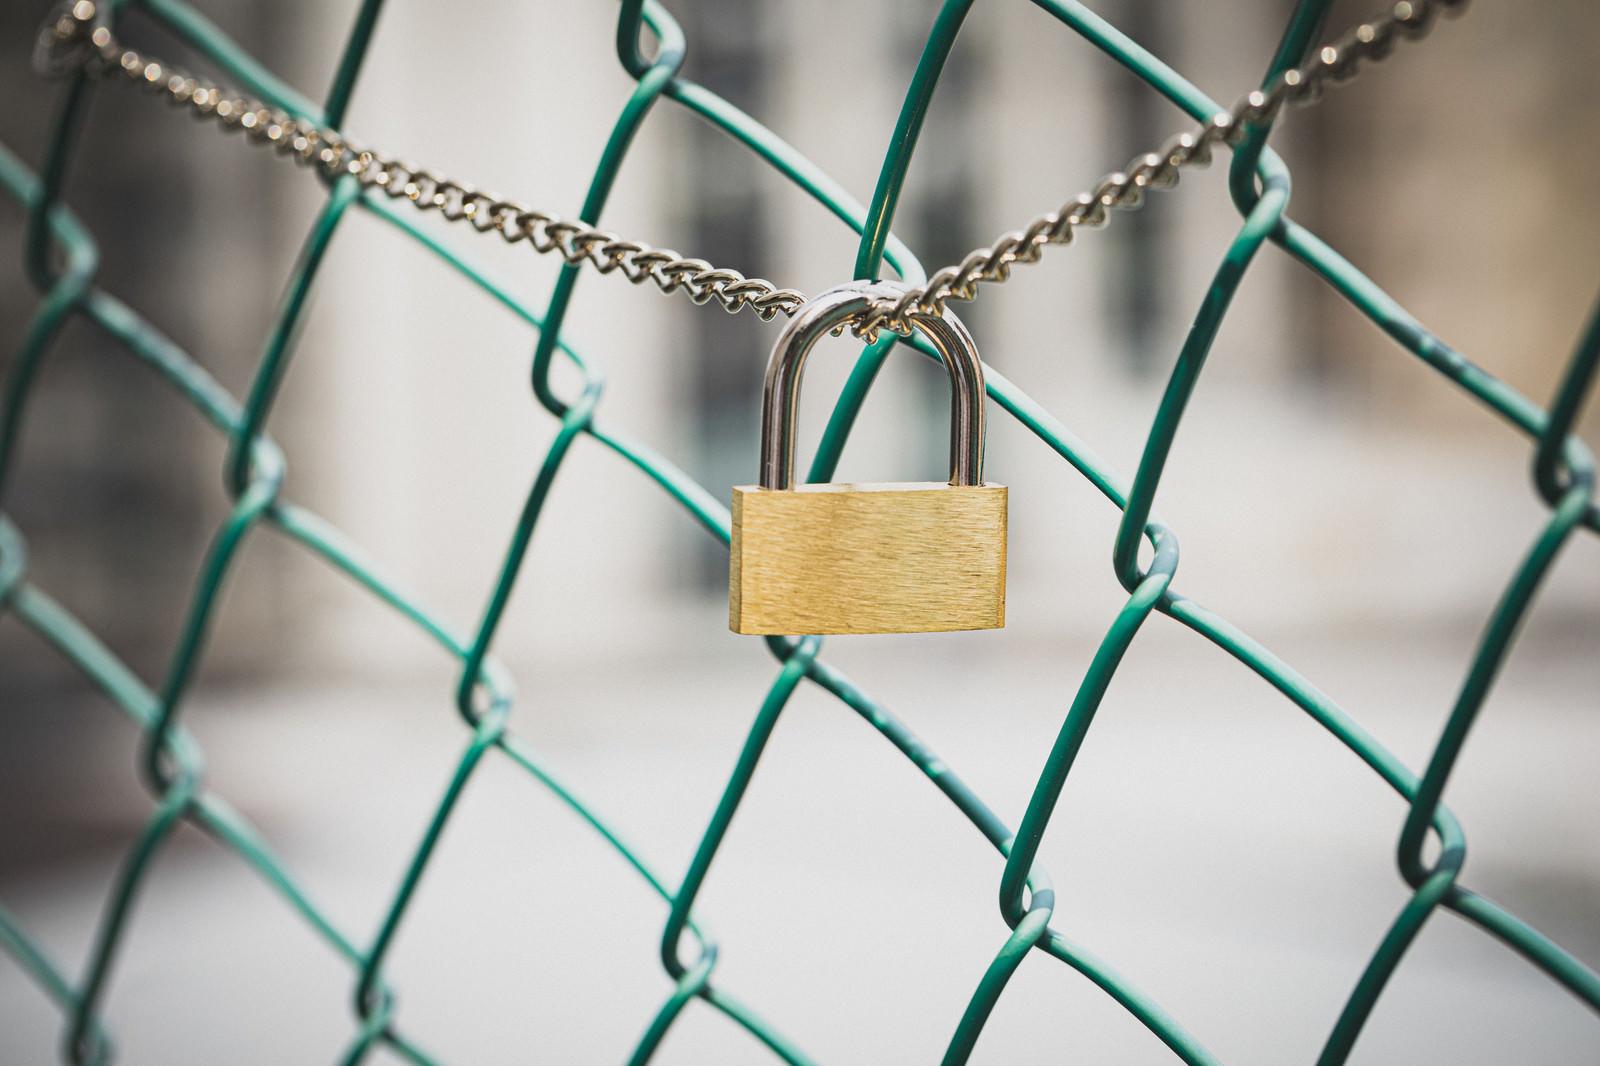 「南京錠とフェンス」の写真